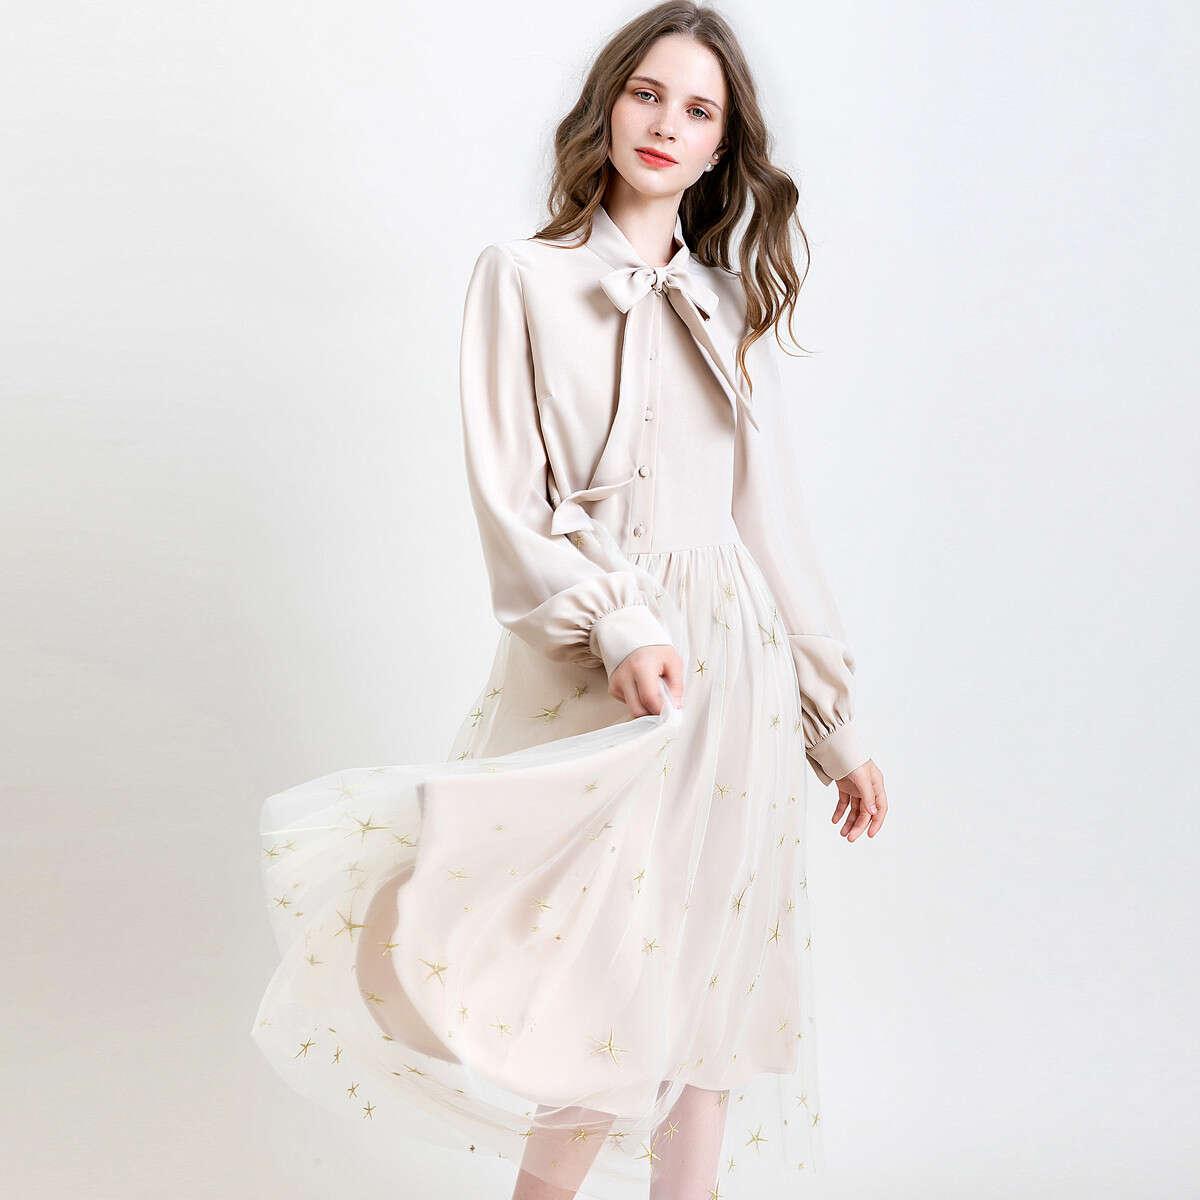 女性创业专属 广州戈蔓婷品牌女装项目值得加盟